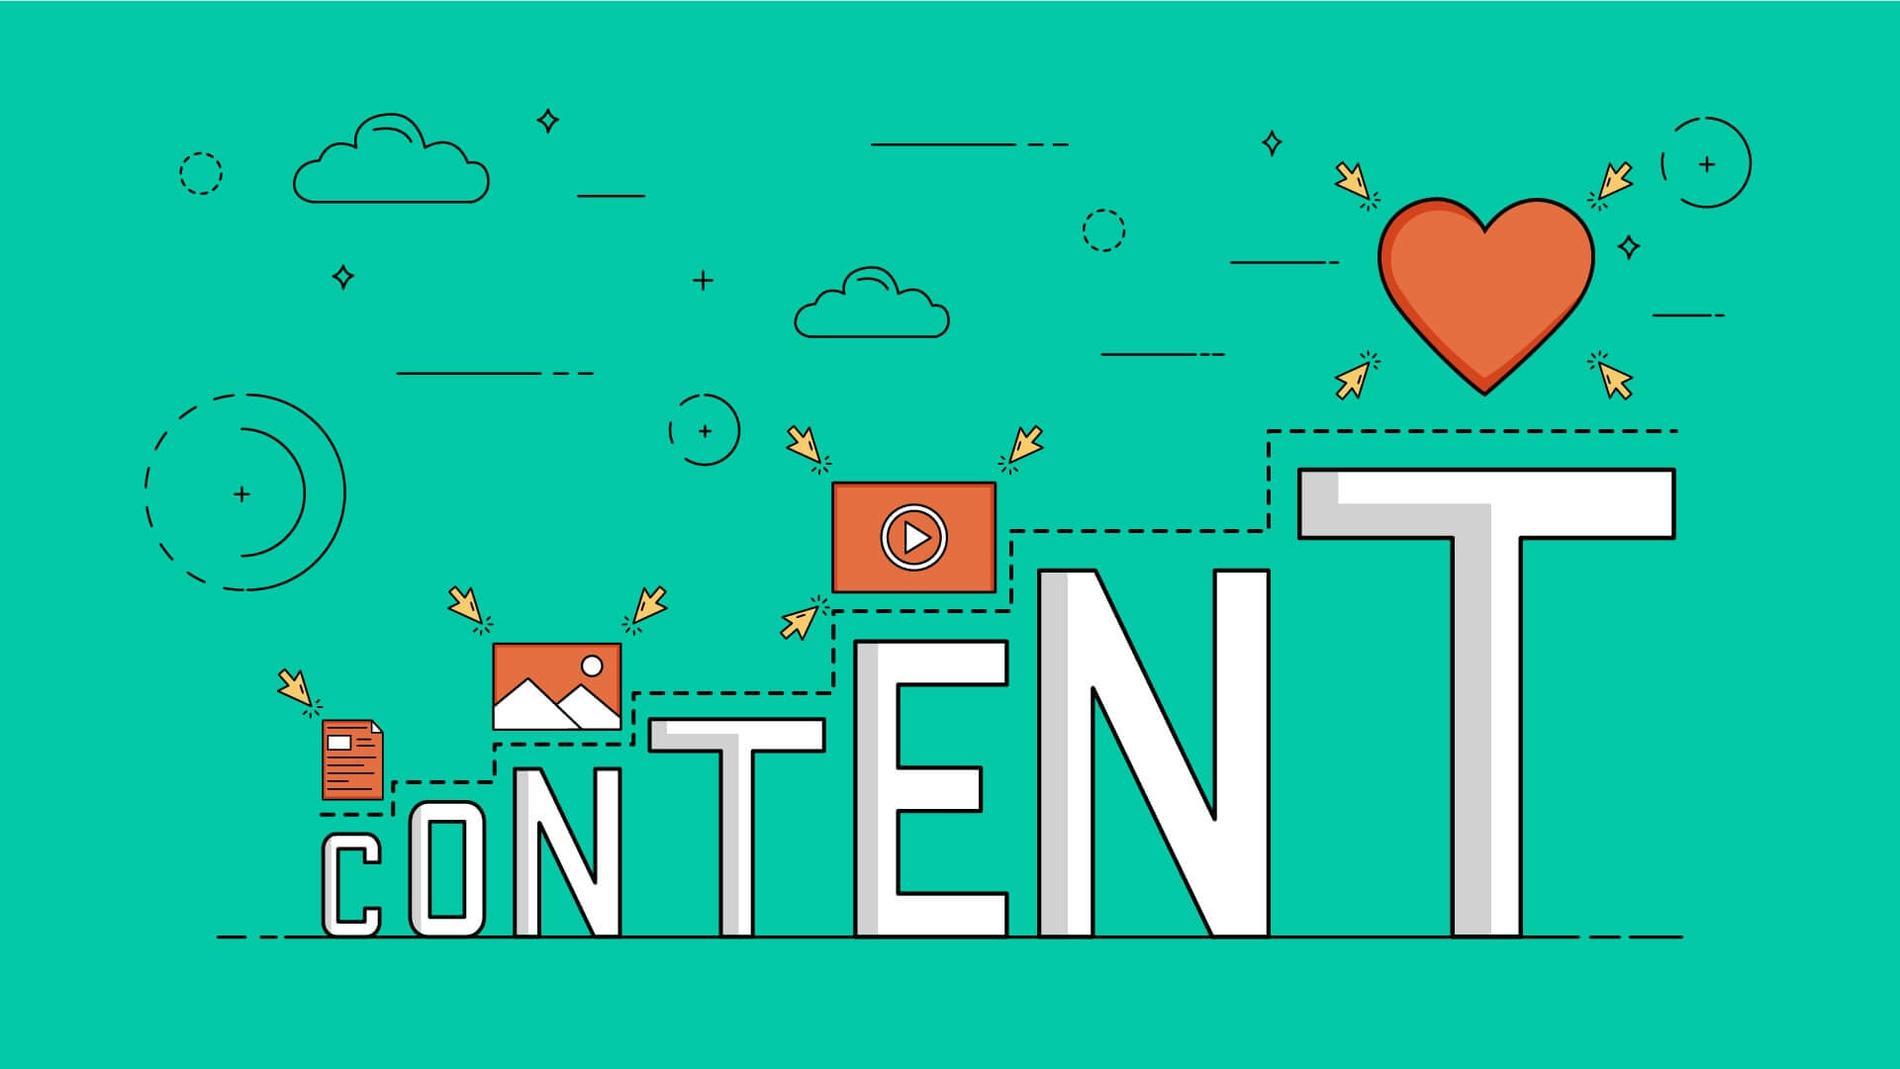 Xây dựng content vượt trội, thu hút lượt share và trích dẫn từ nhiều nguồn